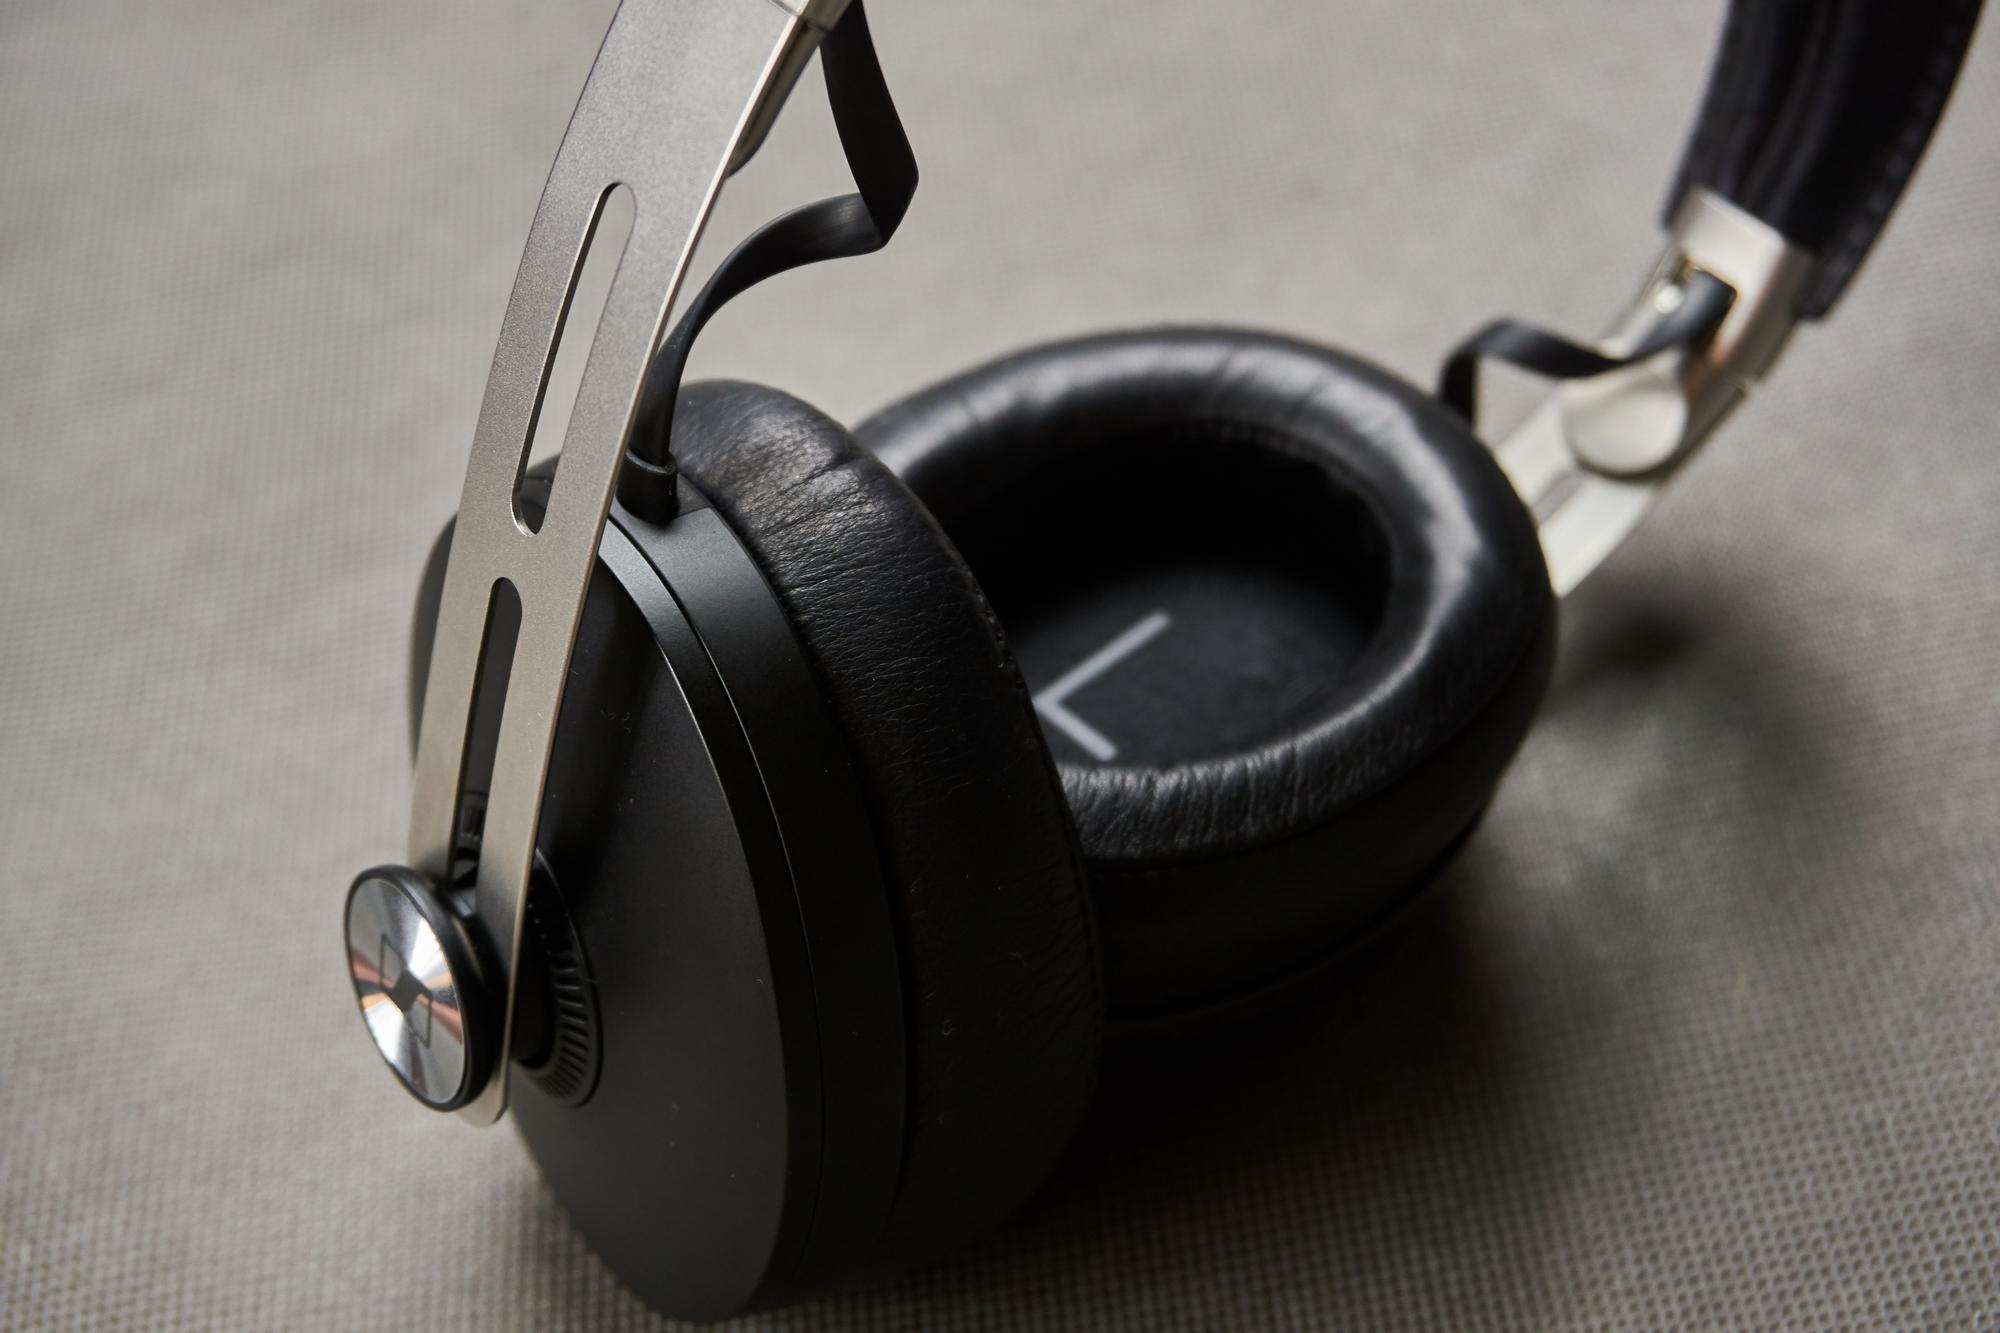 Recenzja Sennheiser Momentum Wireless - niemieckim inżynierom dźwięku progres nie jest obcy 45